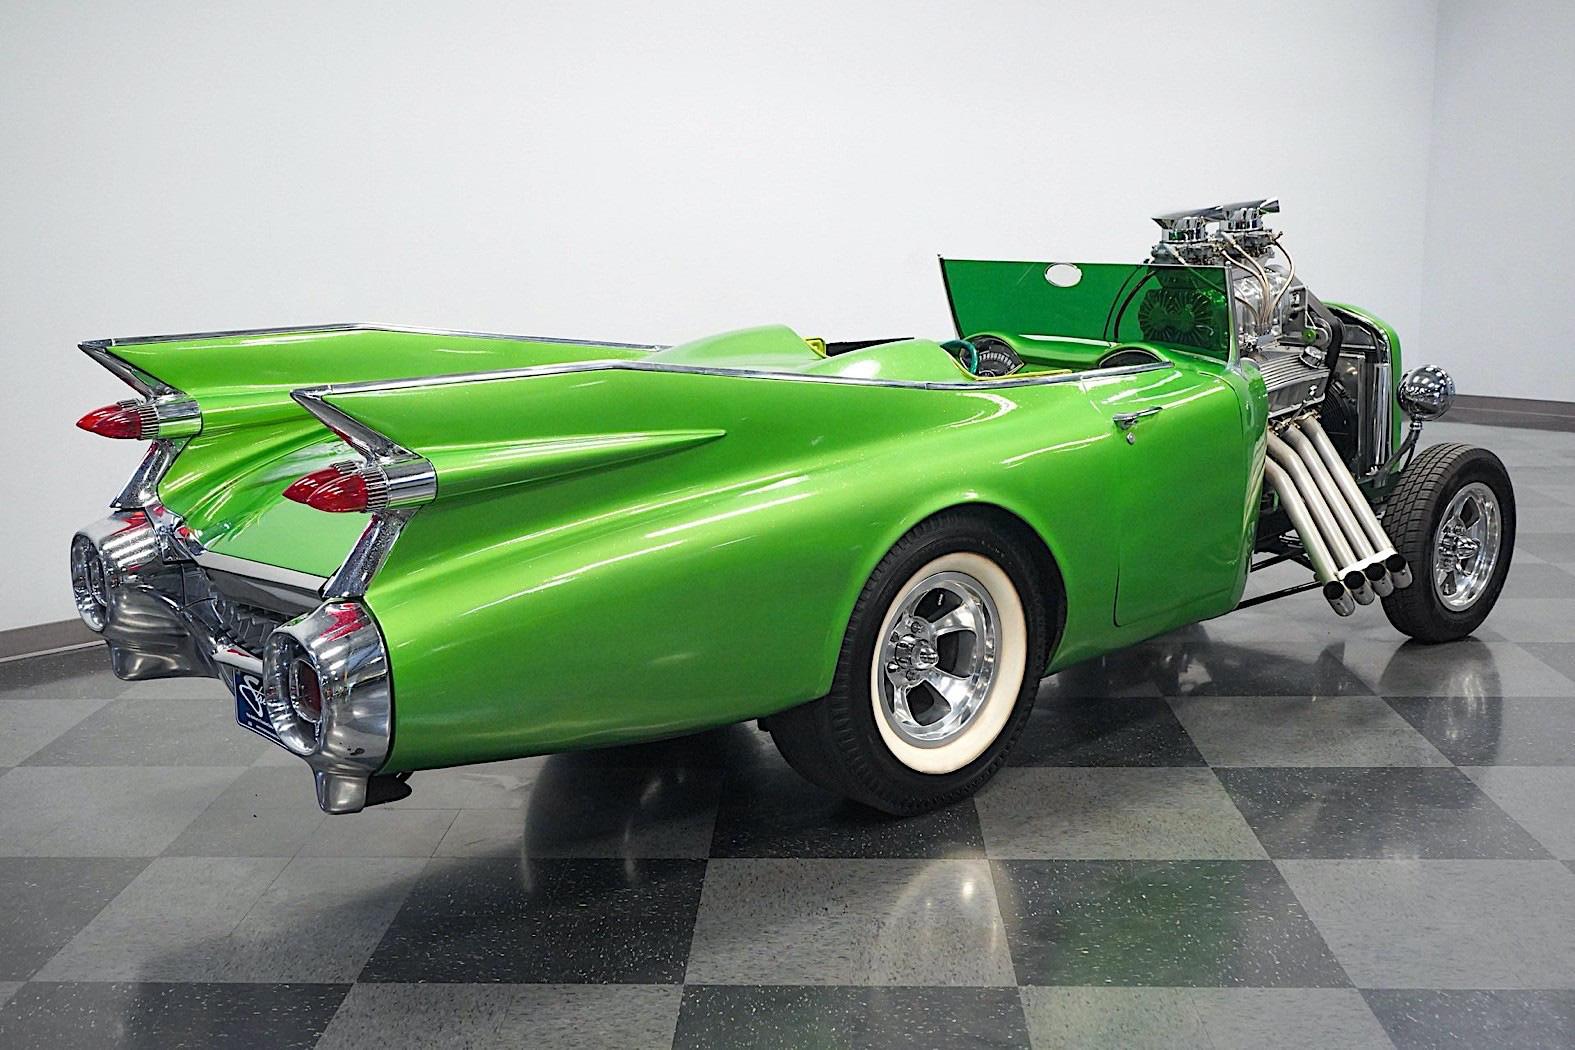 Chiếc xe cổ Cadillac 1959 phục chế biến tấu với động cơ lộ thiên  - Ảnh 6.